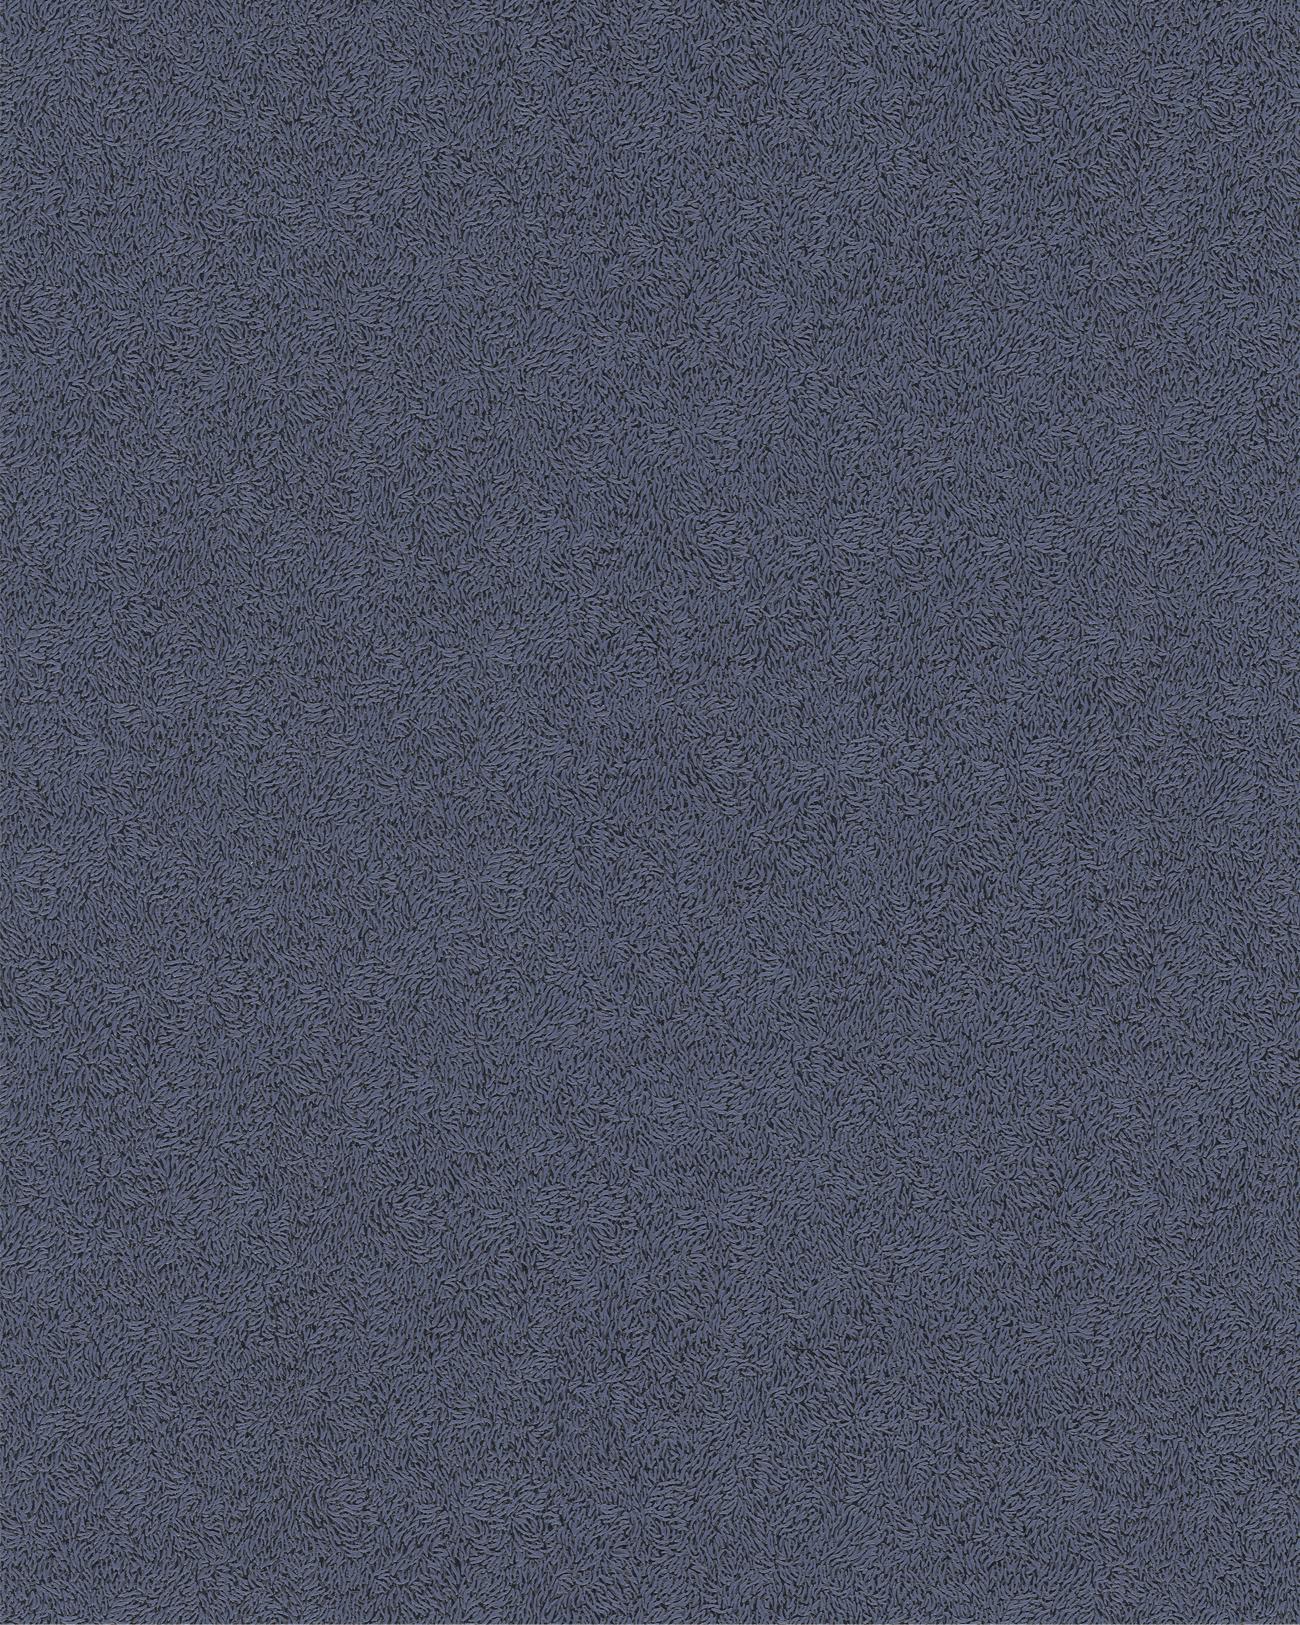 Papier Peint Unicolor Edem 85047br22 Papier Peint Avec Une Texture Tangible Scintillant Bleu Bleu Cobalt Bleu Fonce Argent 5 33 M2 Boutique En Ligne Profhome Fr